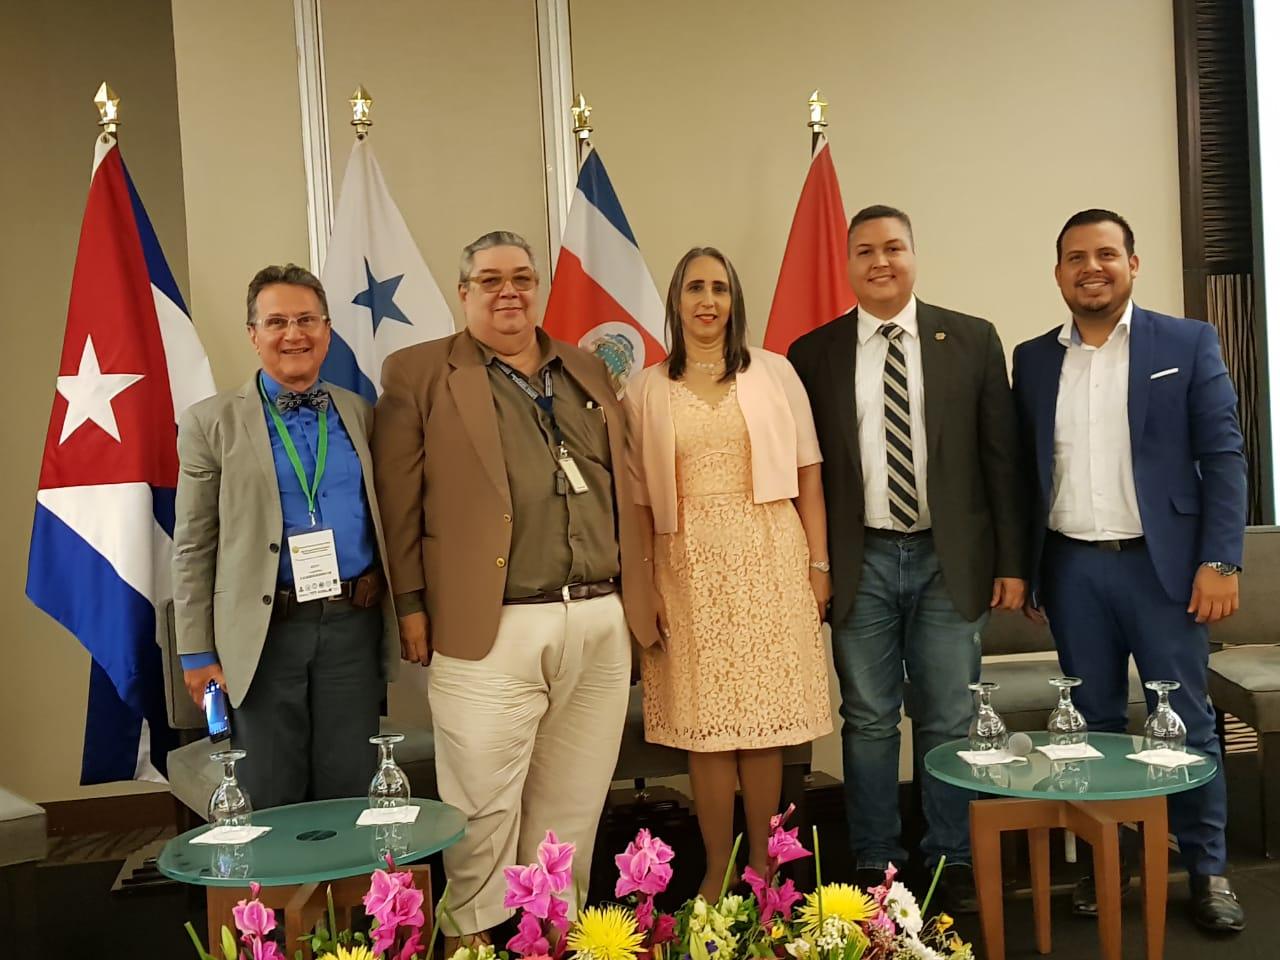 1era Conferencia Internacional de Salud Pública de Panamá